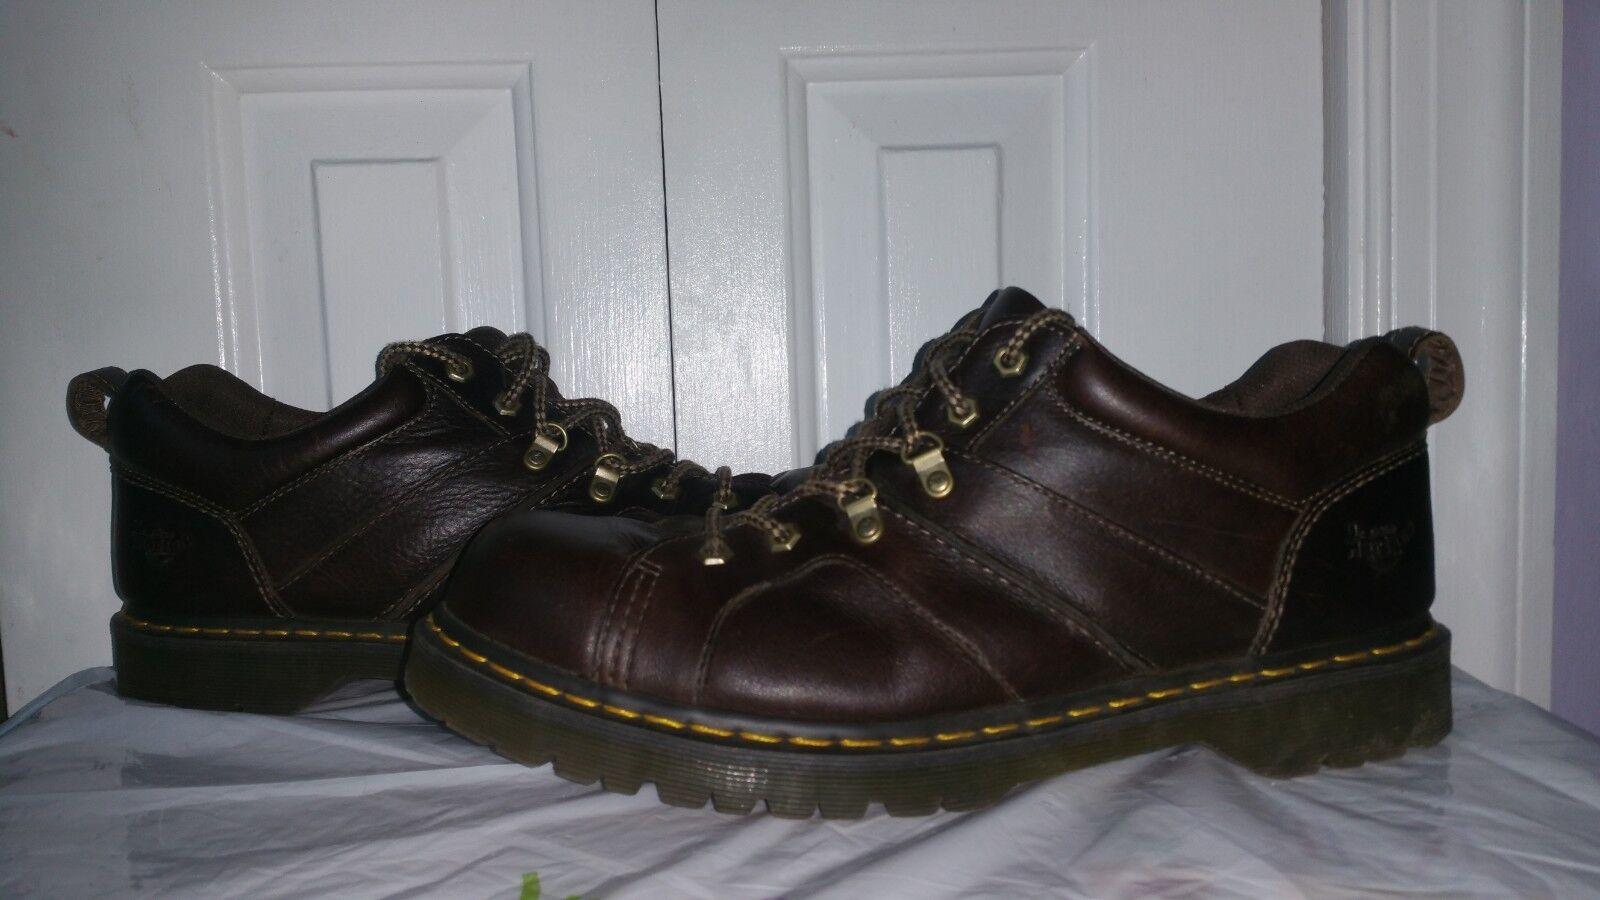 Dr. Martens AirWair Shoes Finegan Mens Brown-Black Shoes AirWair Size 14M c060b8